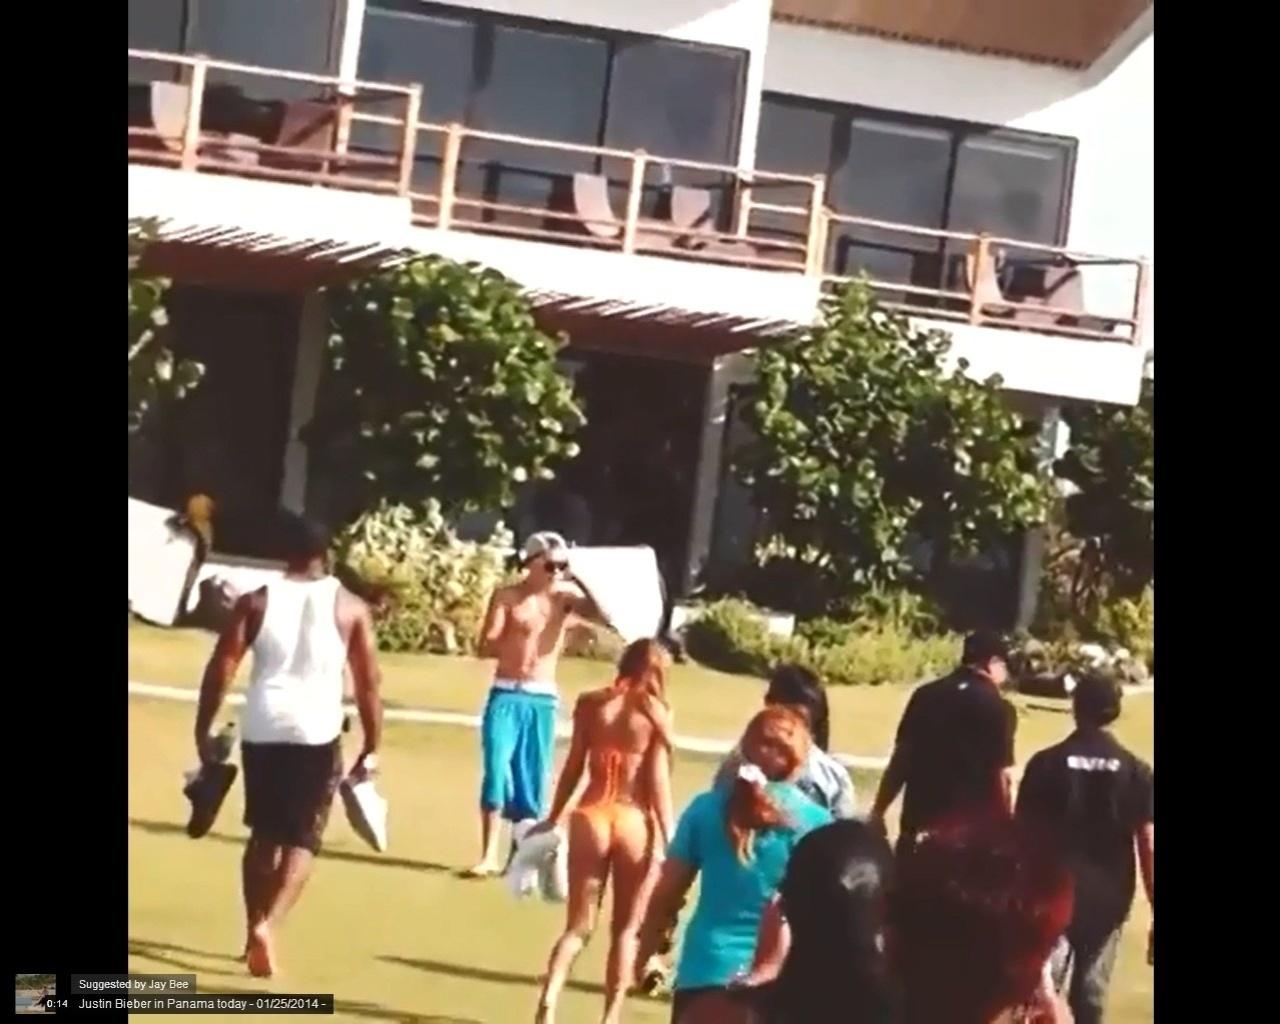 26.jan.2014 - Justin é flagrado no Panamá, dias após ser detido pela polícia. Segundo o TMZ, o cantor recebeu a visita do cantor Usher, seu mentor profissional, que foi aconselhá-lo sobre os rumos que está dando para sua vida